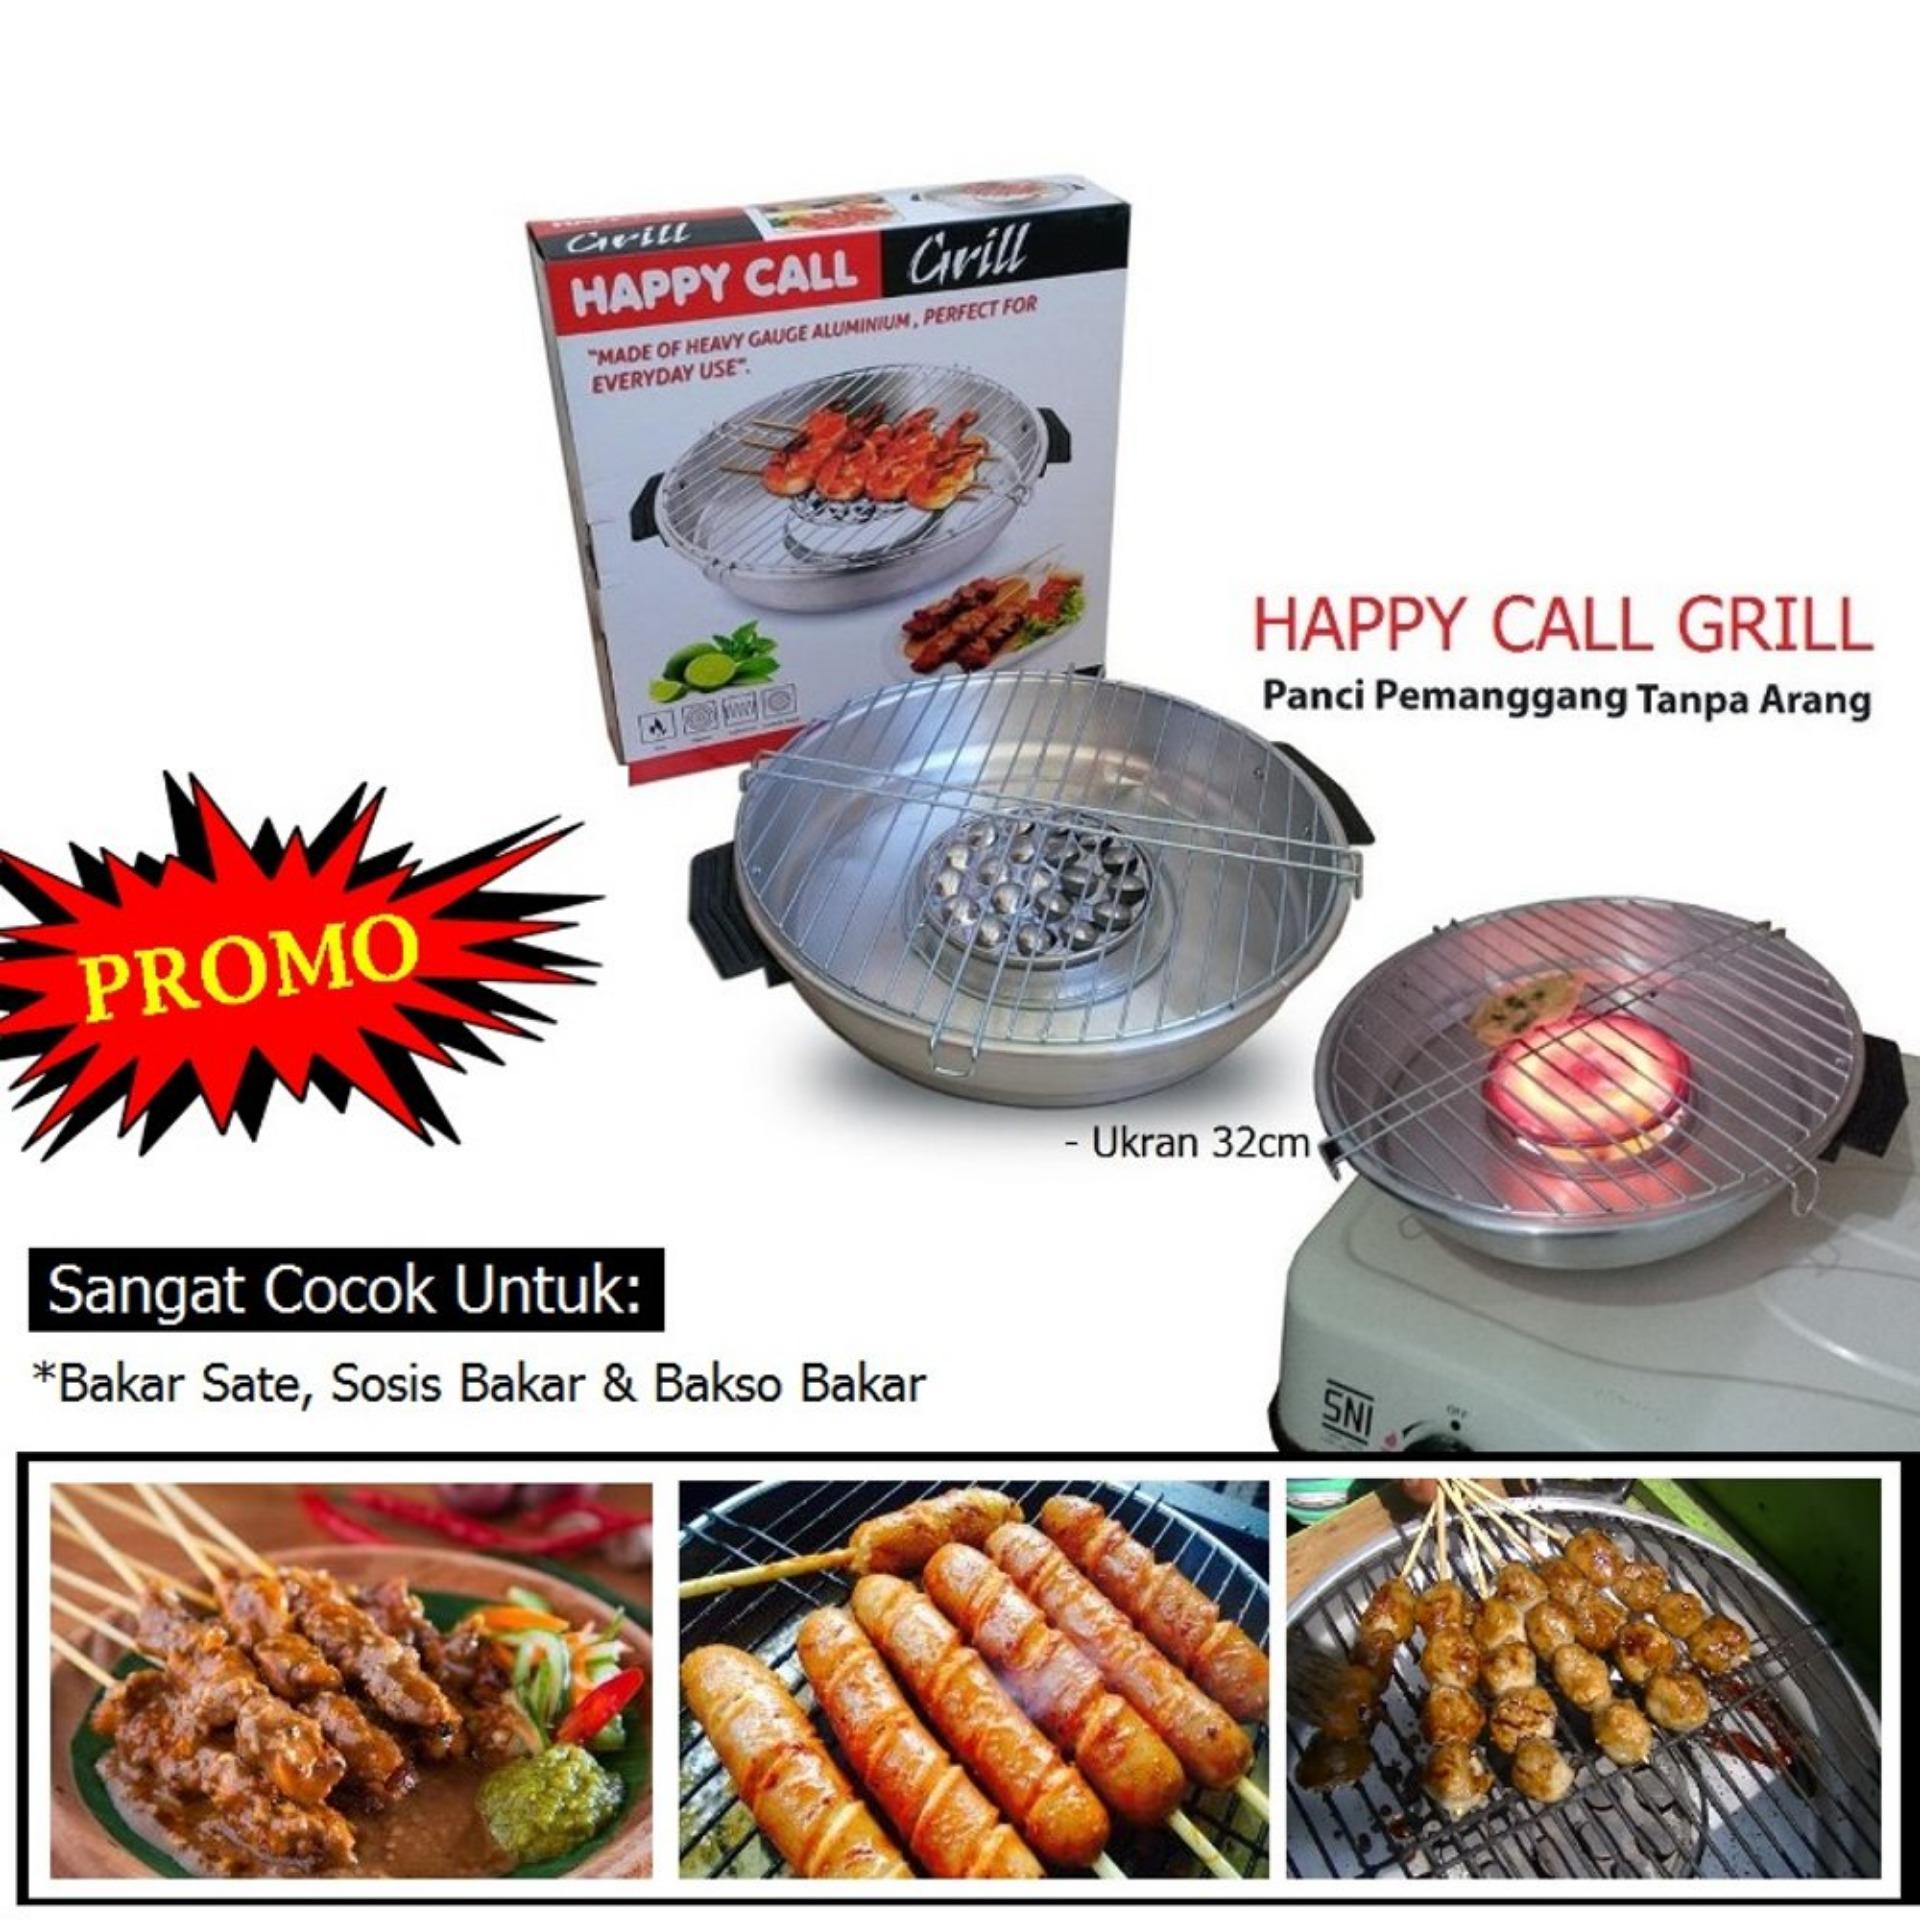 Alat Pemanggang Termurah Hock Oven Aluminium 02 Tempat Arang Ismart Happy Call Grill Roaster Panggang Modern